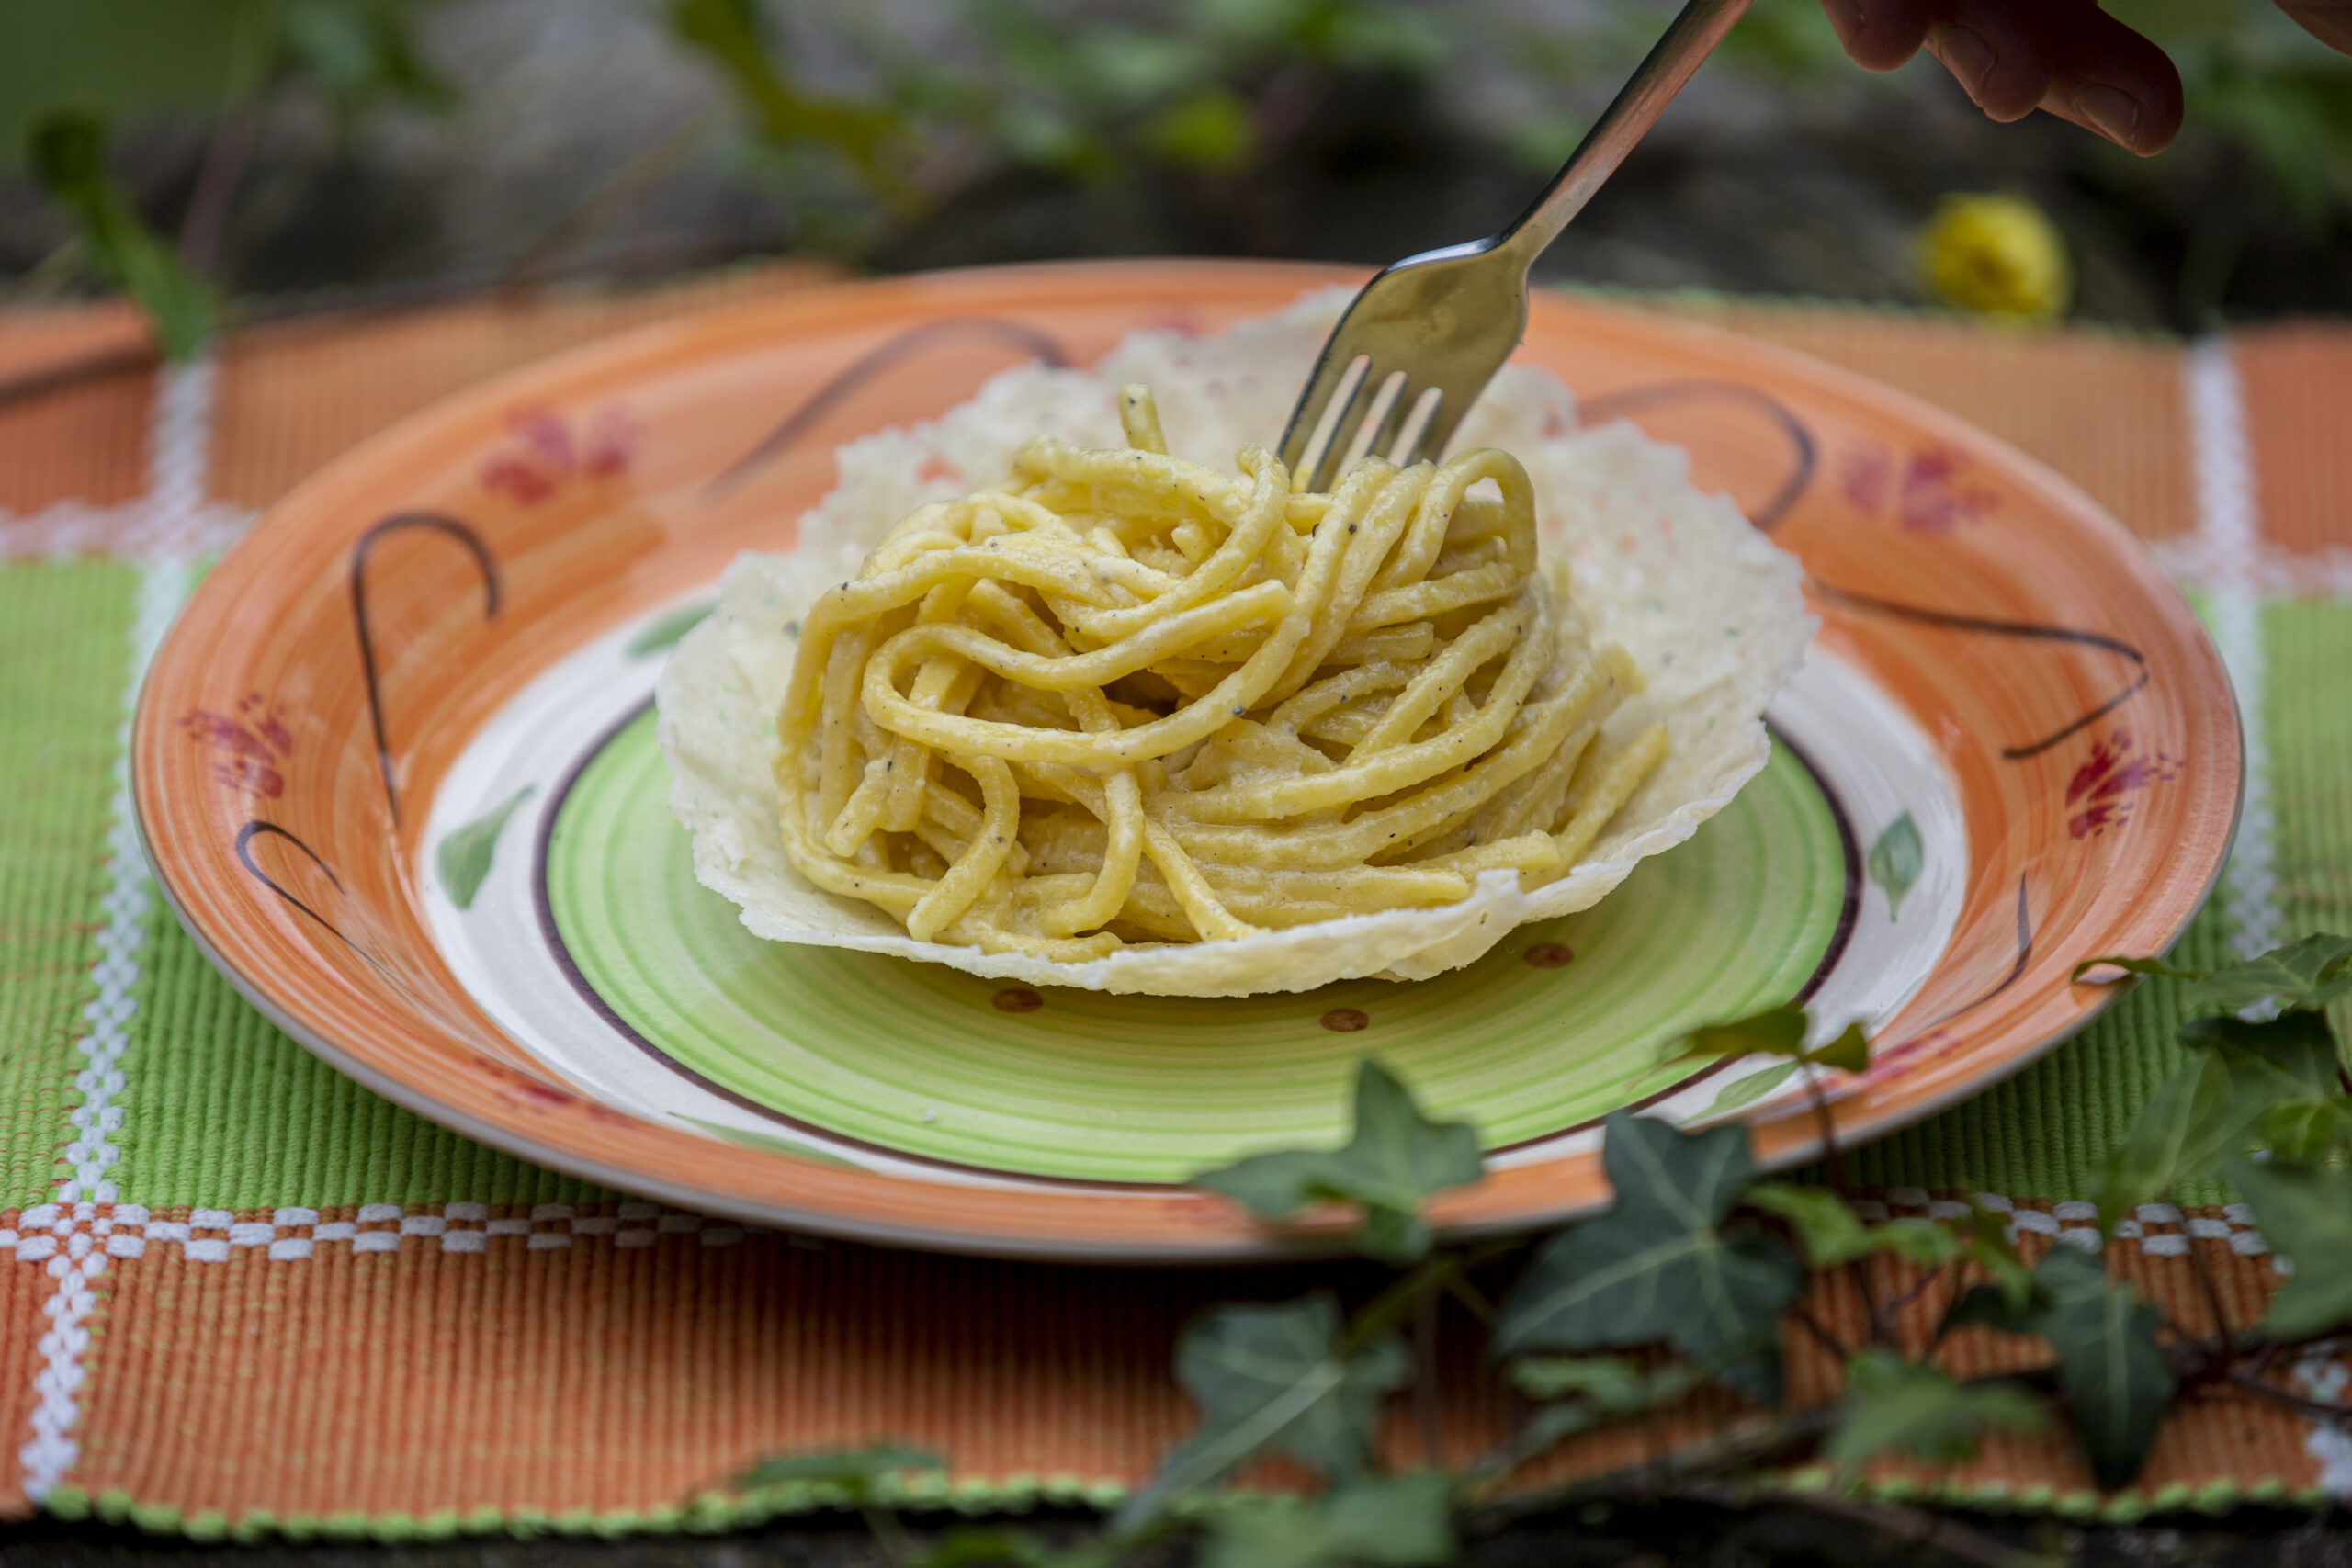 Cacio e pepe nella top five sulla tavola delle feste. E la versione in barattolo piace anche agli chef.